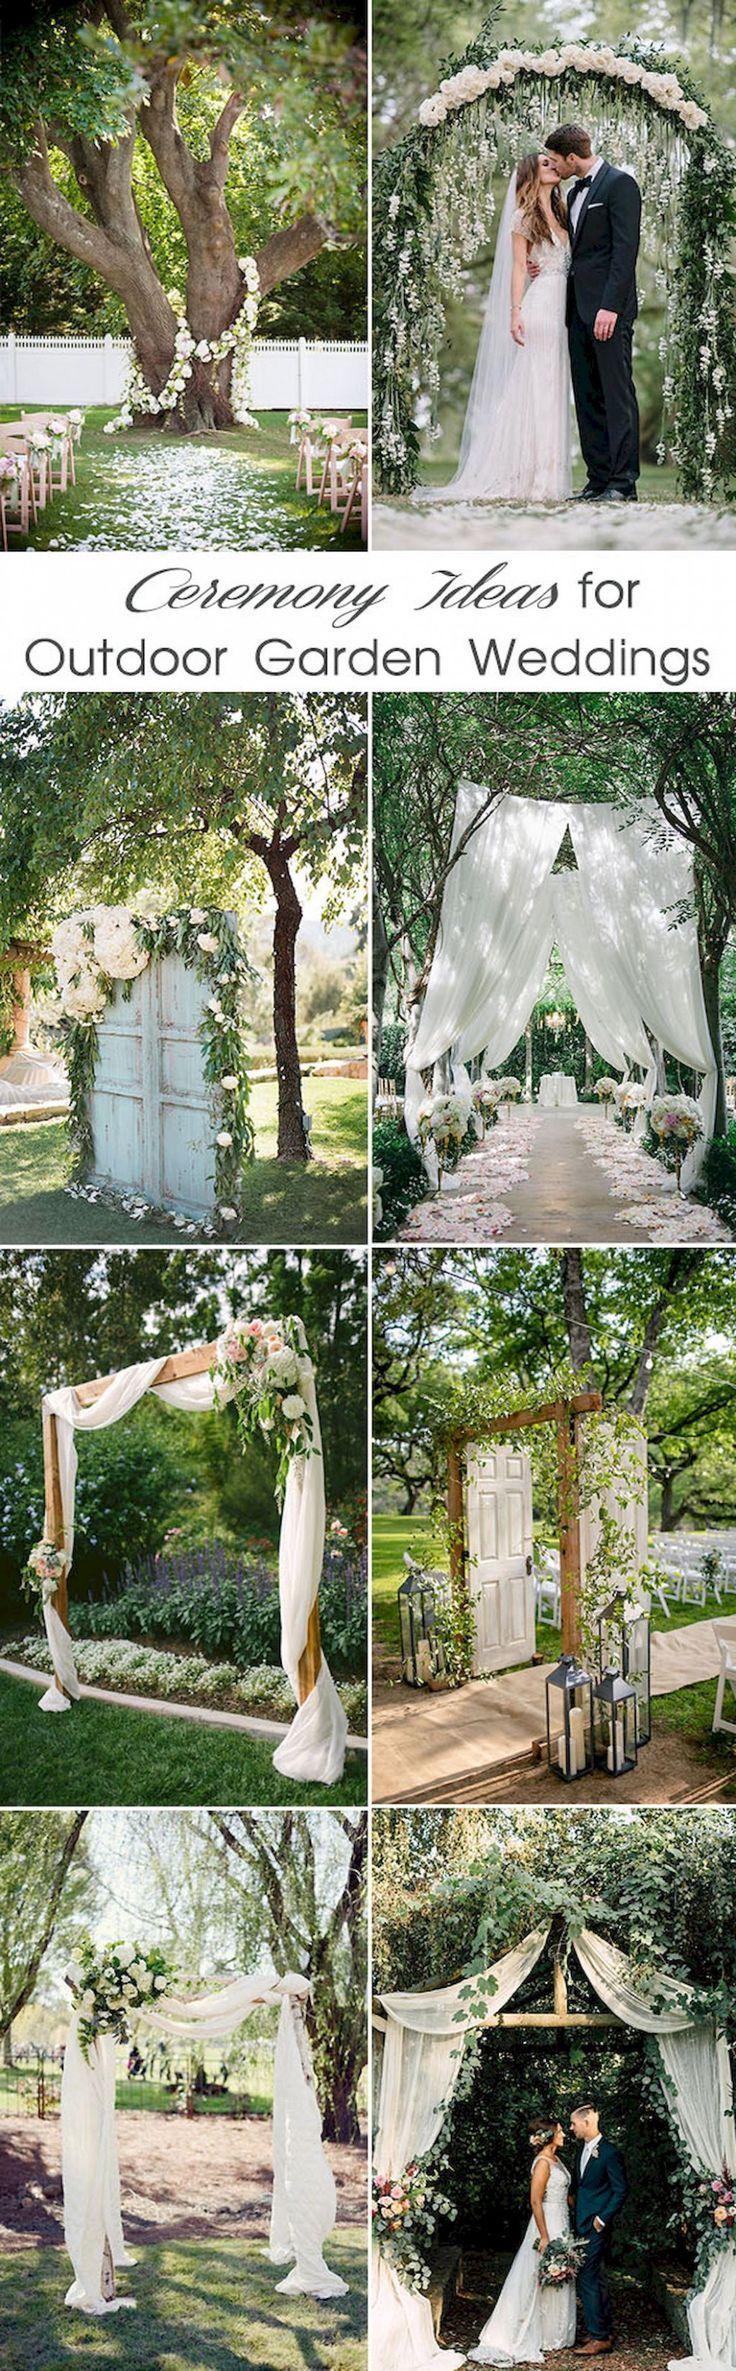 Elegant Wedding Ideas On A Budget - #Budget #Elegant # ...